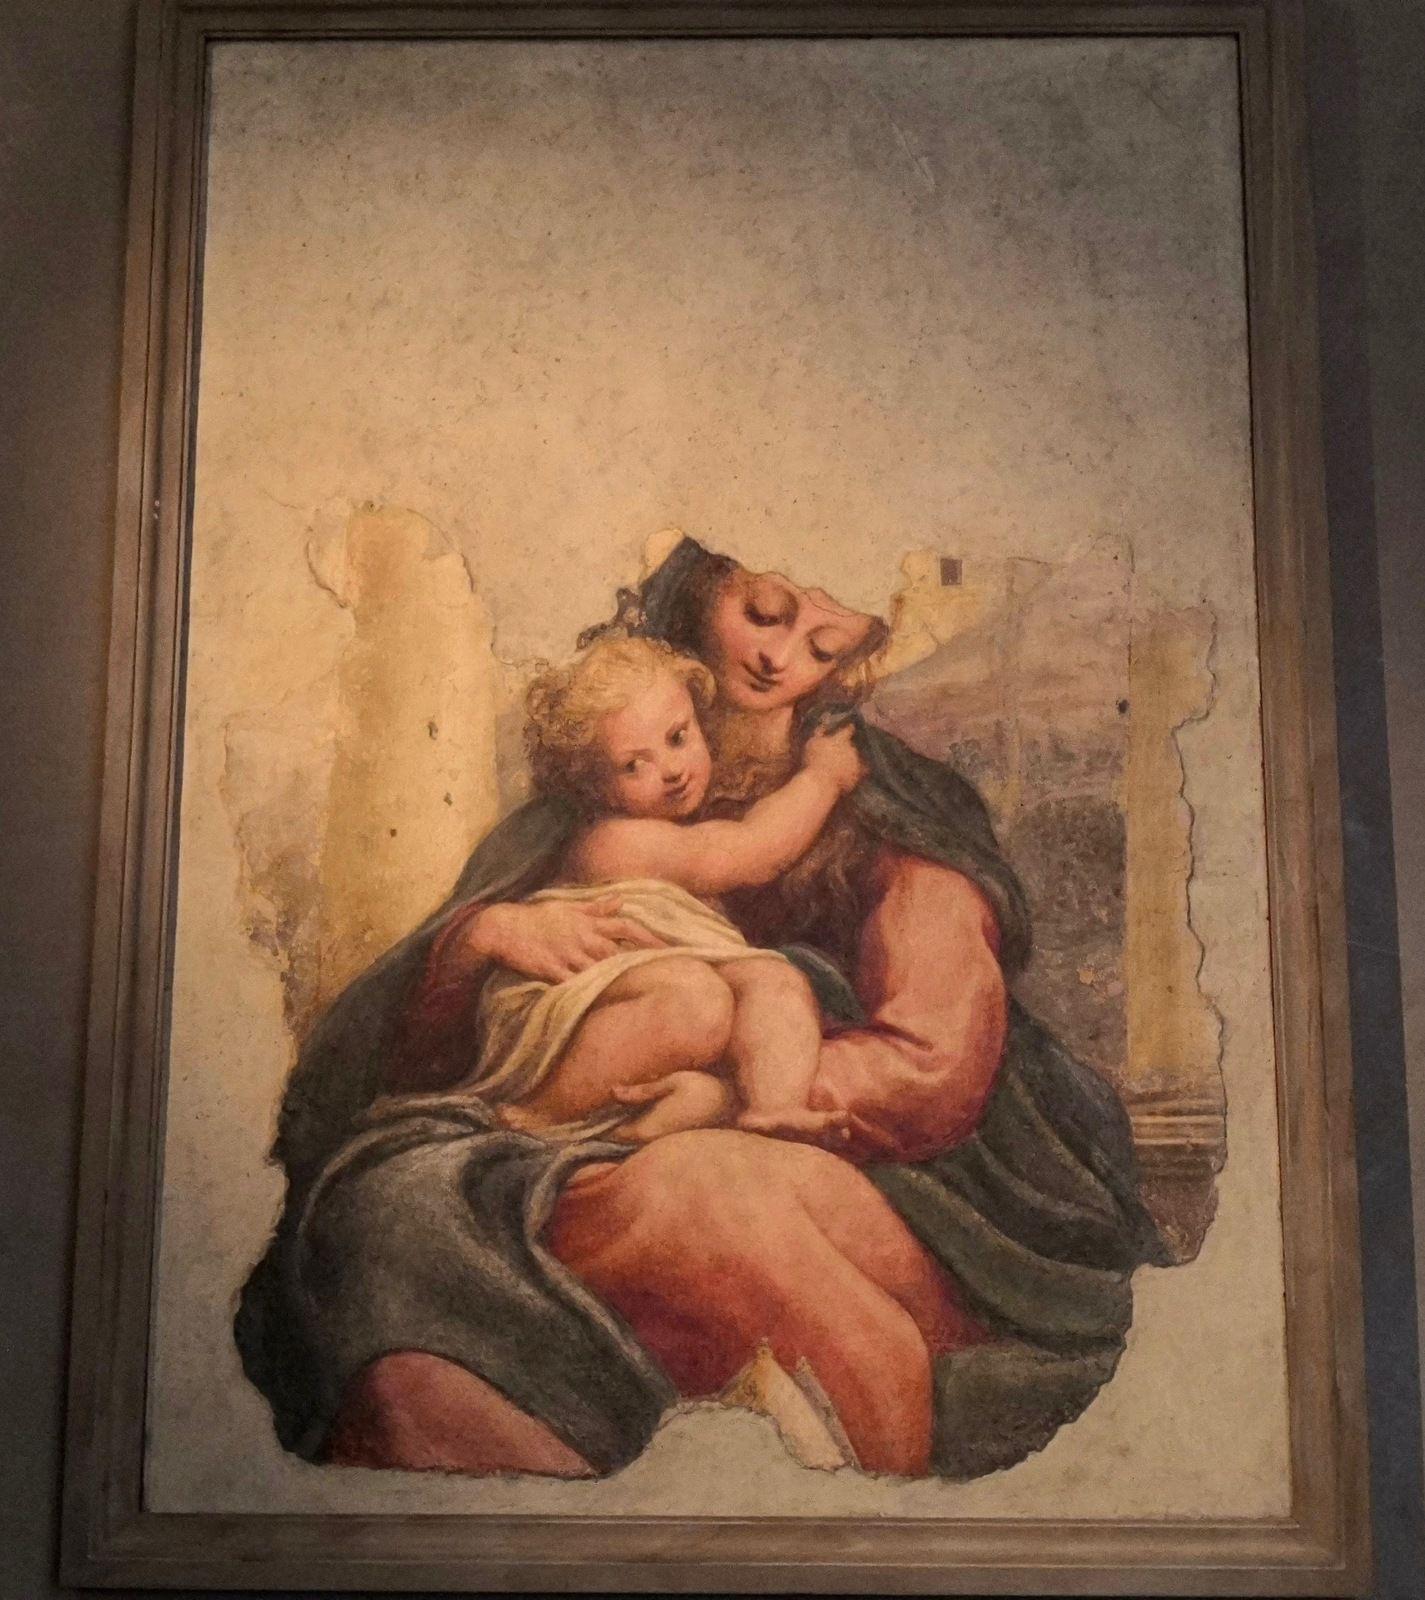 Antonio Allegri detto il Corregio, Madonna delle scala, 1524 circa, Affresco transportato di tela, Parma, porta di San Michele